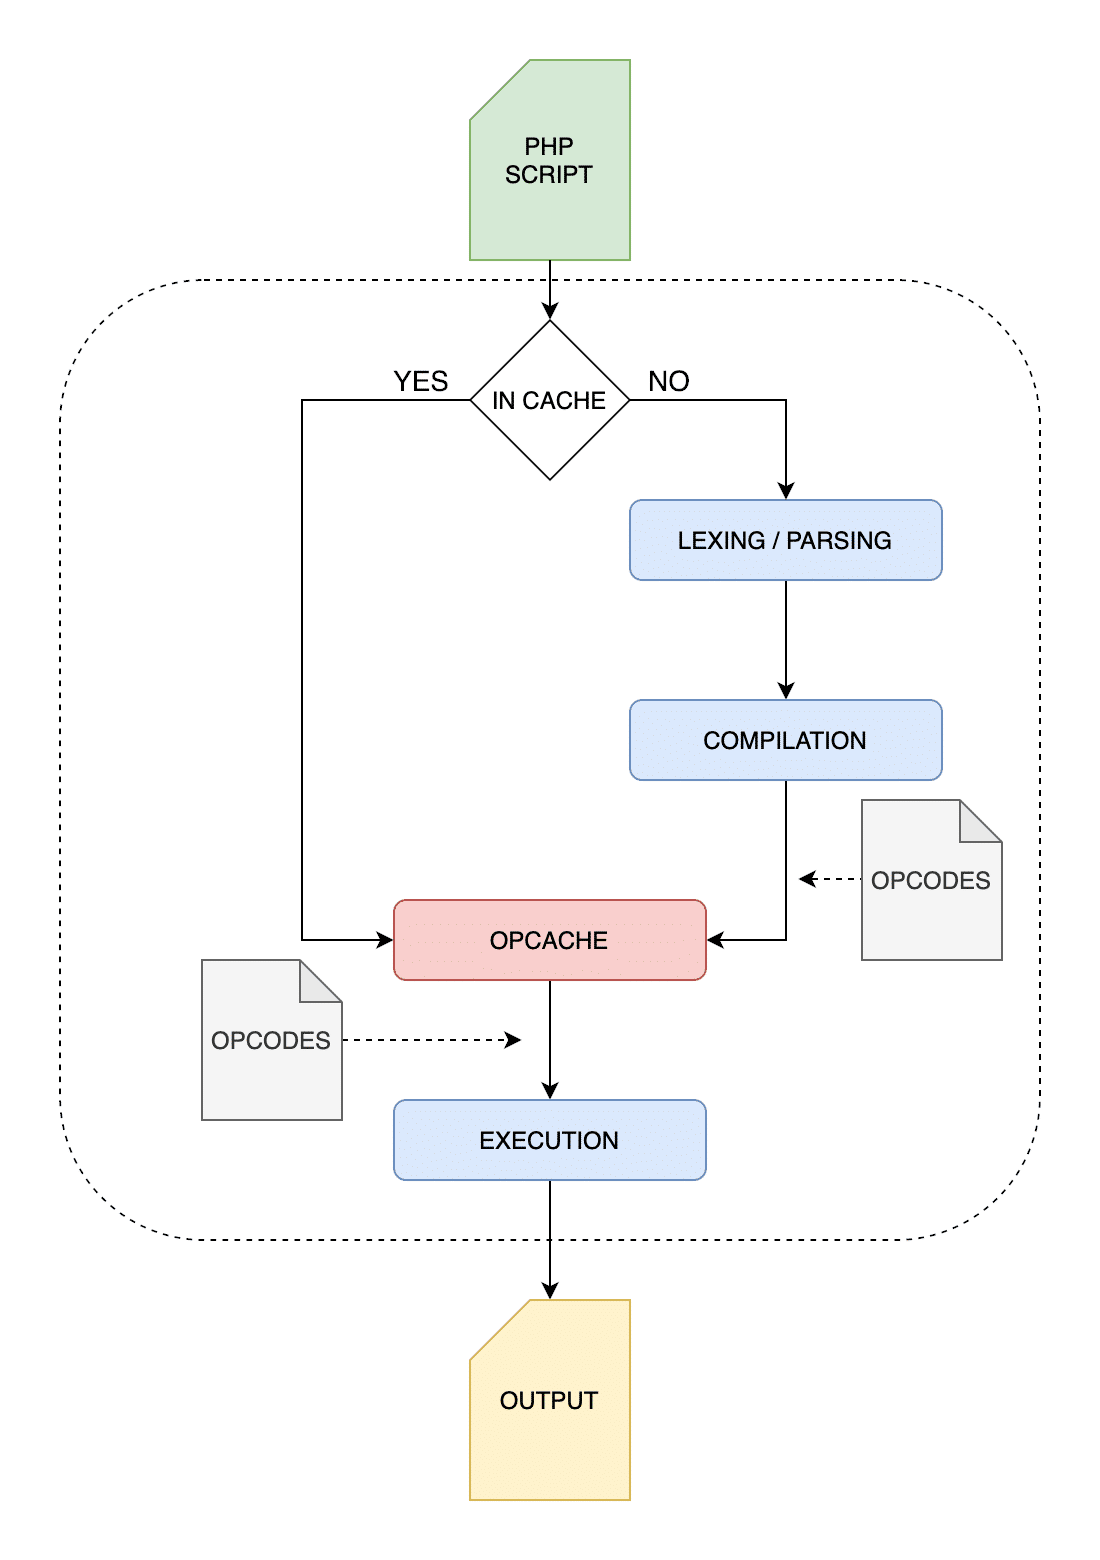 Processus d'exécution PHP avec OPcache activé